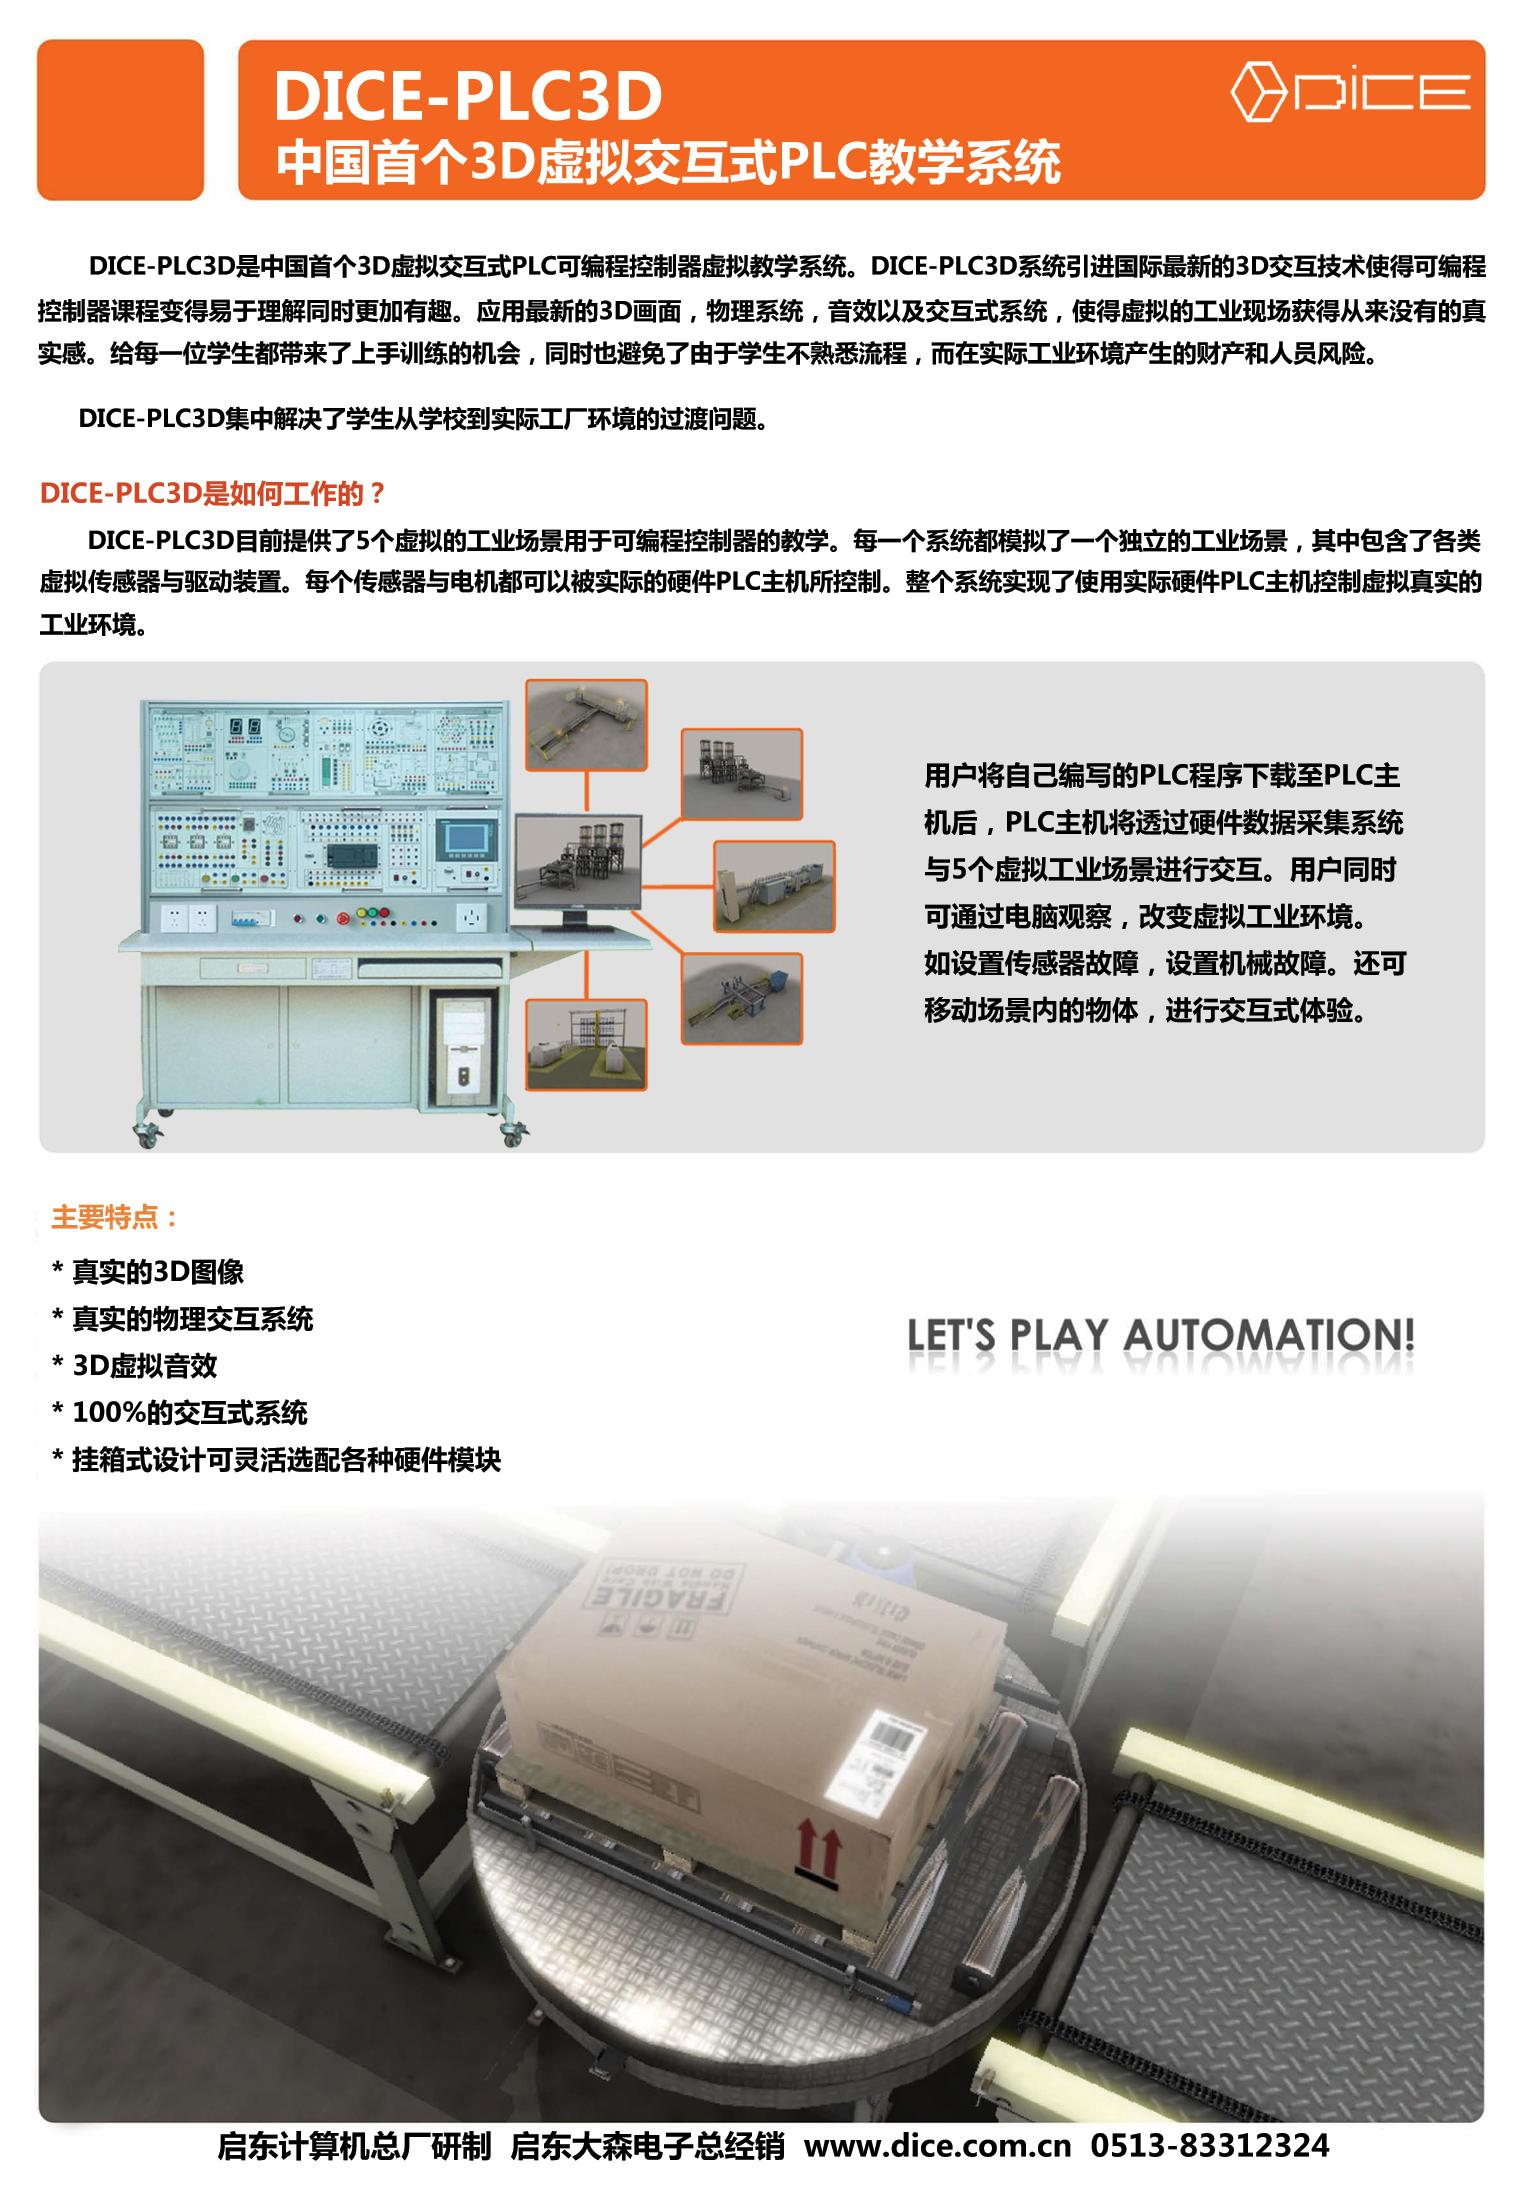 DICE-PLC3D 中国首个3D虚拟交互式PLC教学系统!